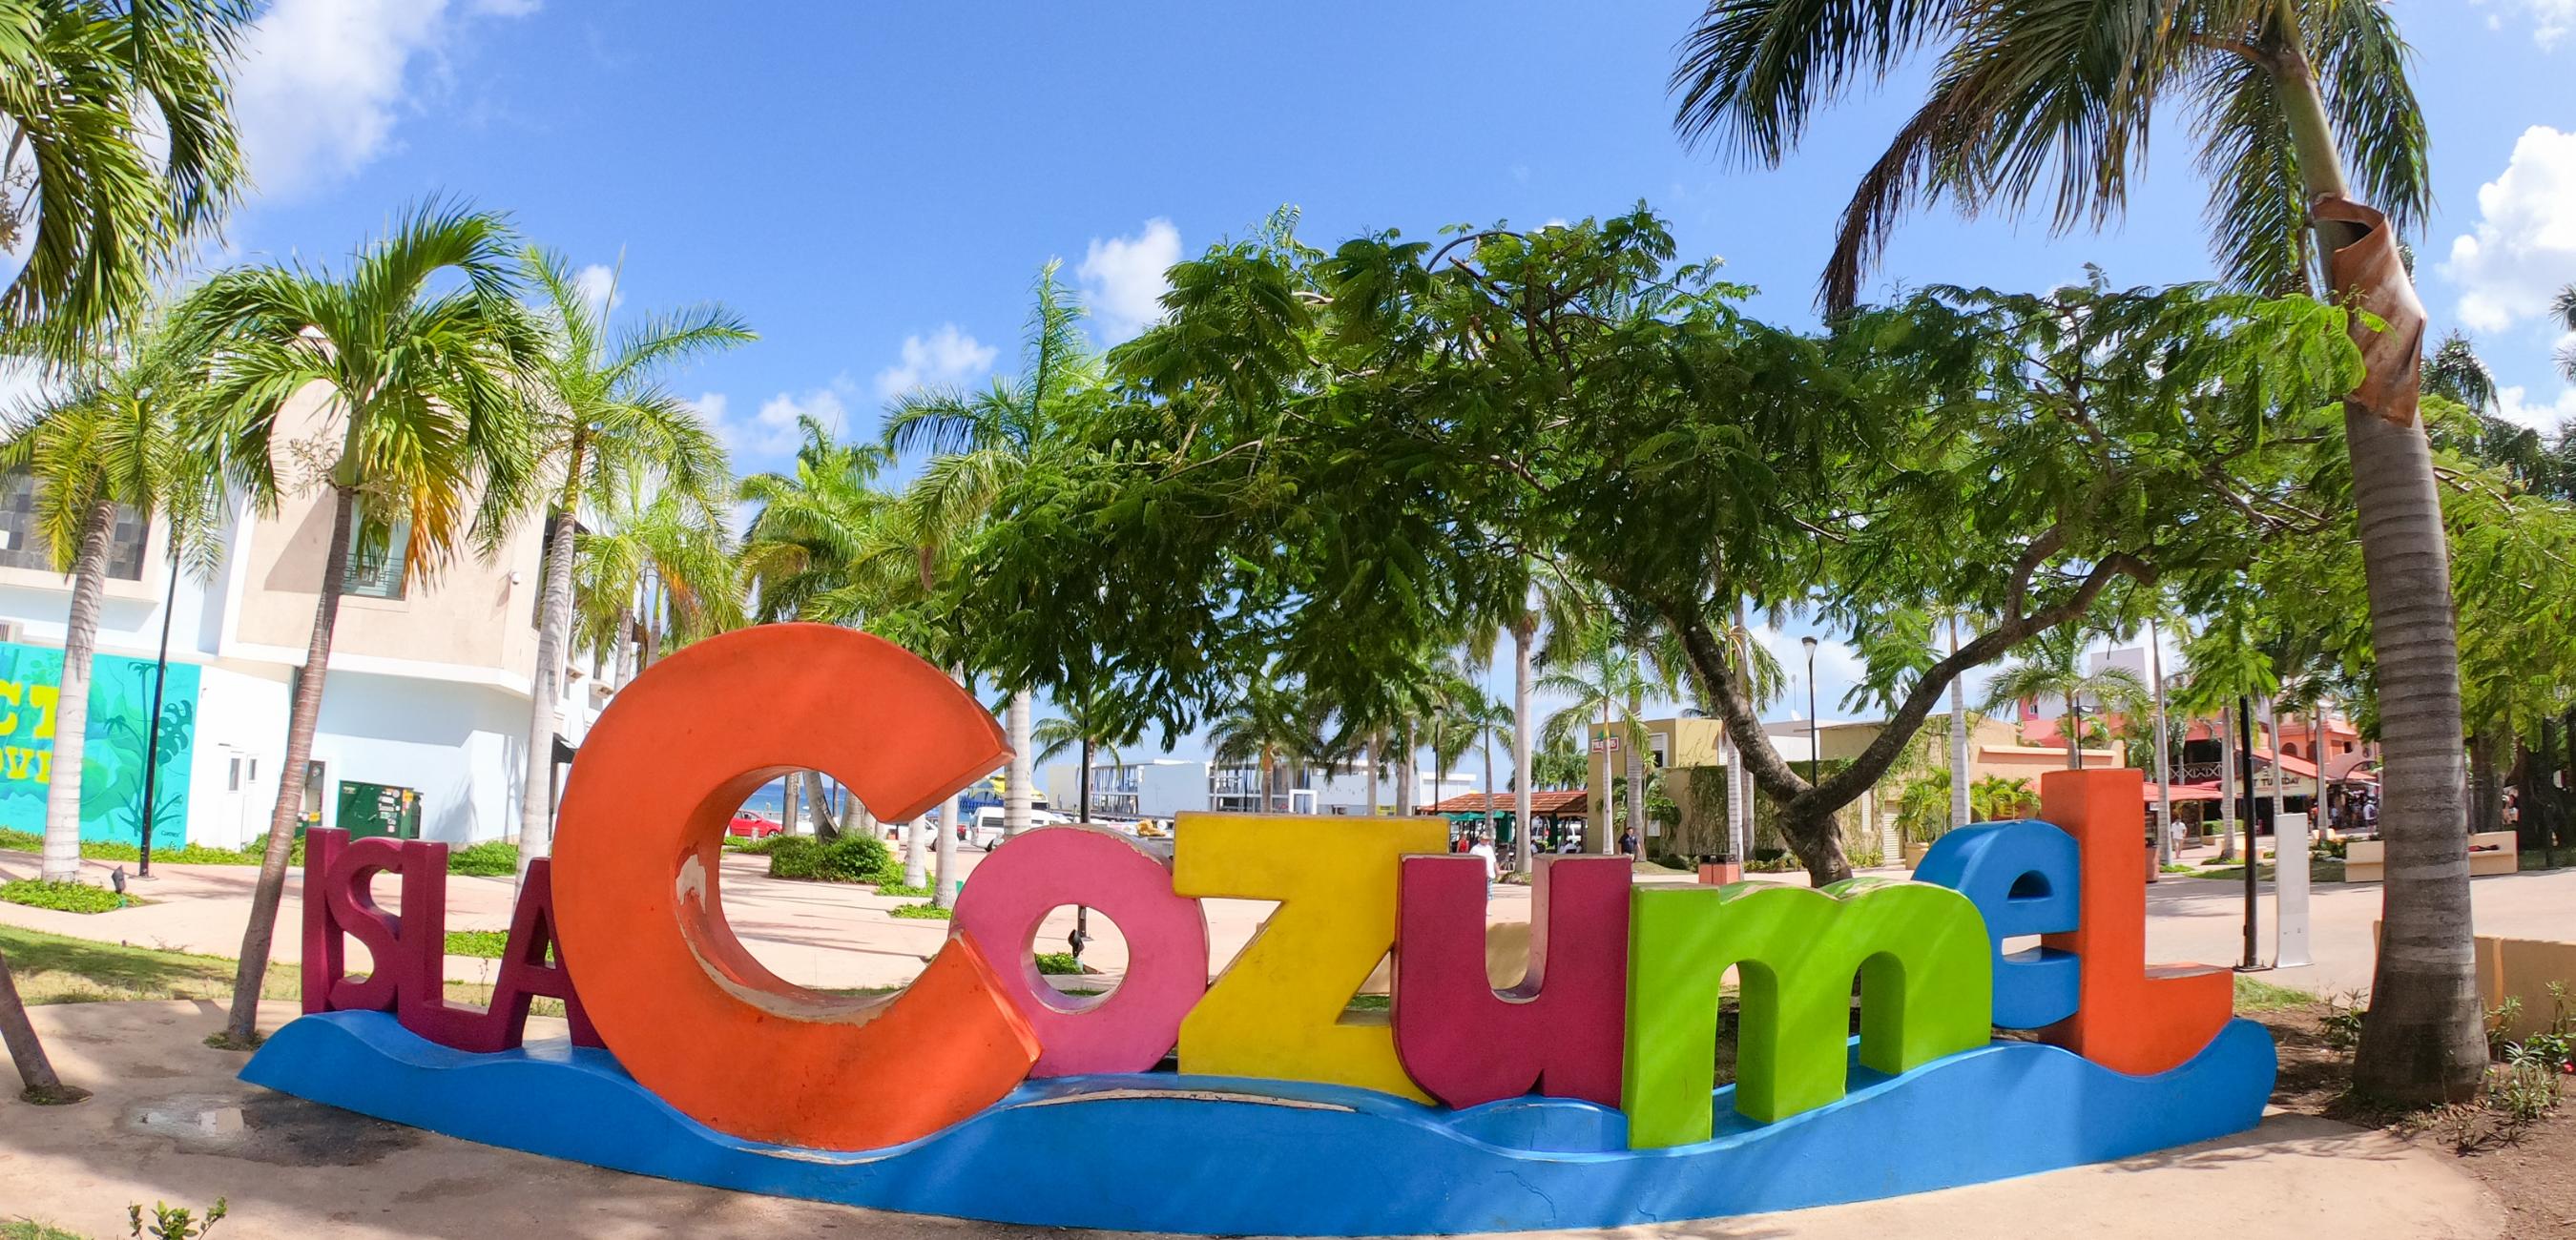 Insel Cozumel in Mexiko